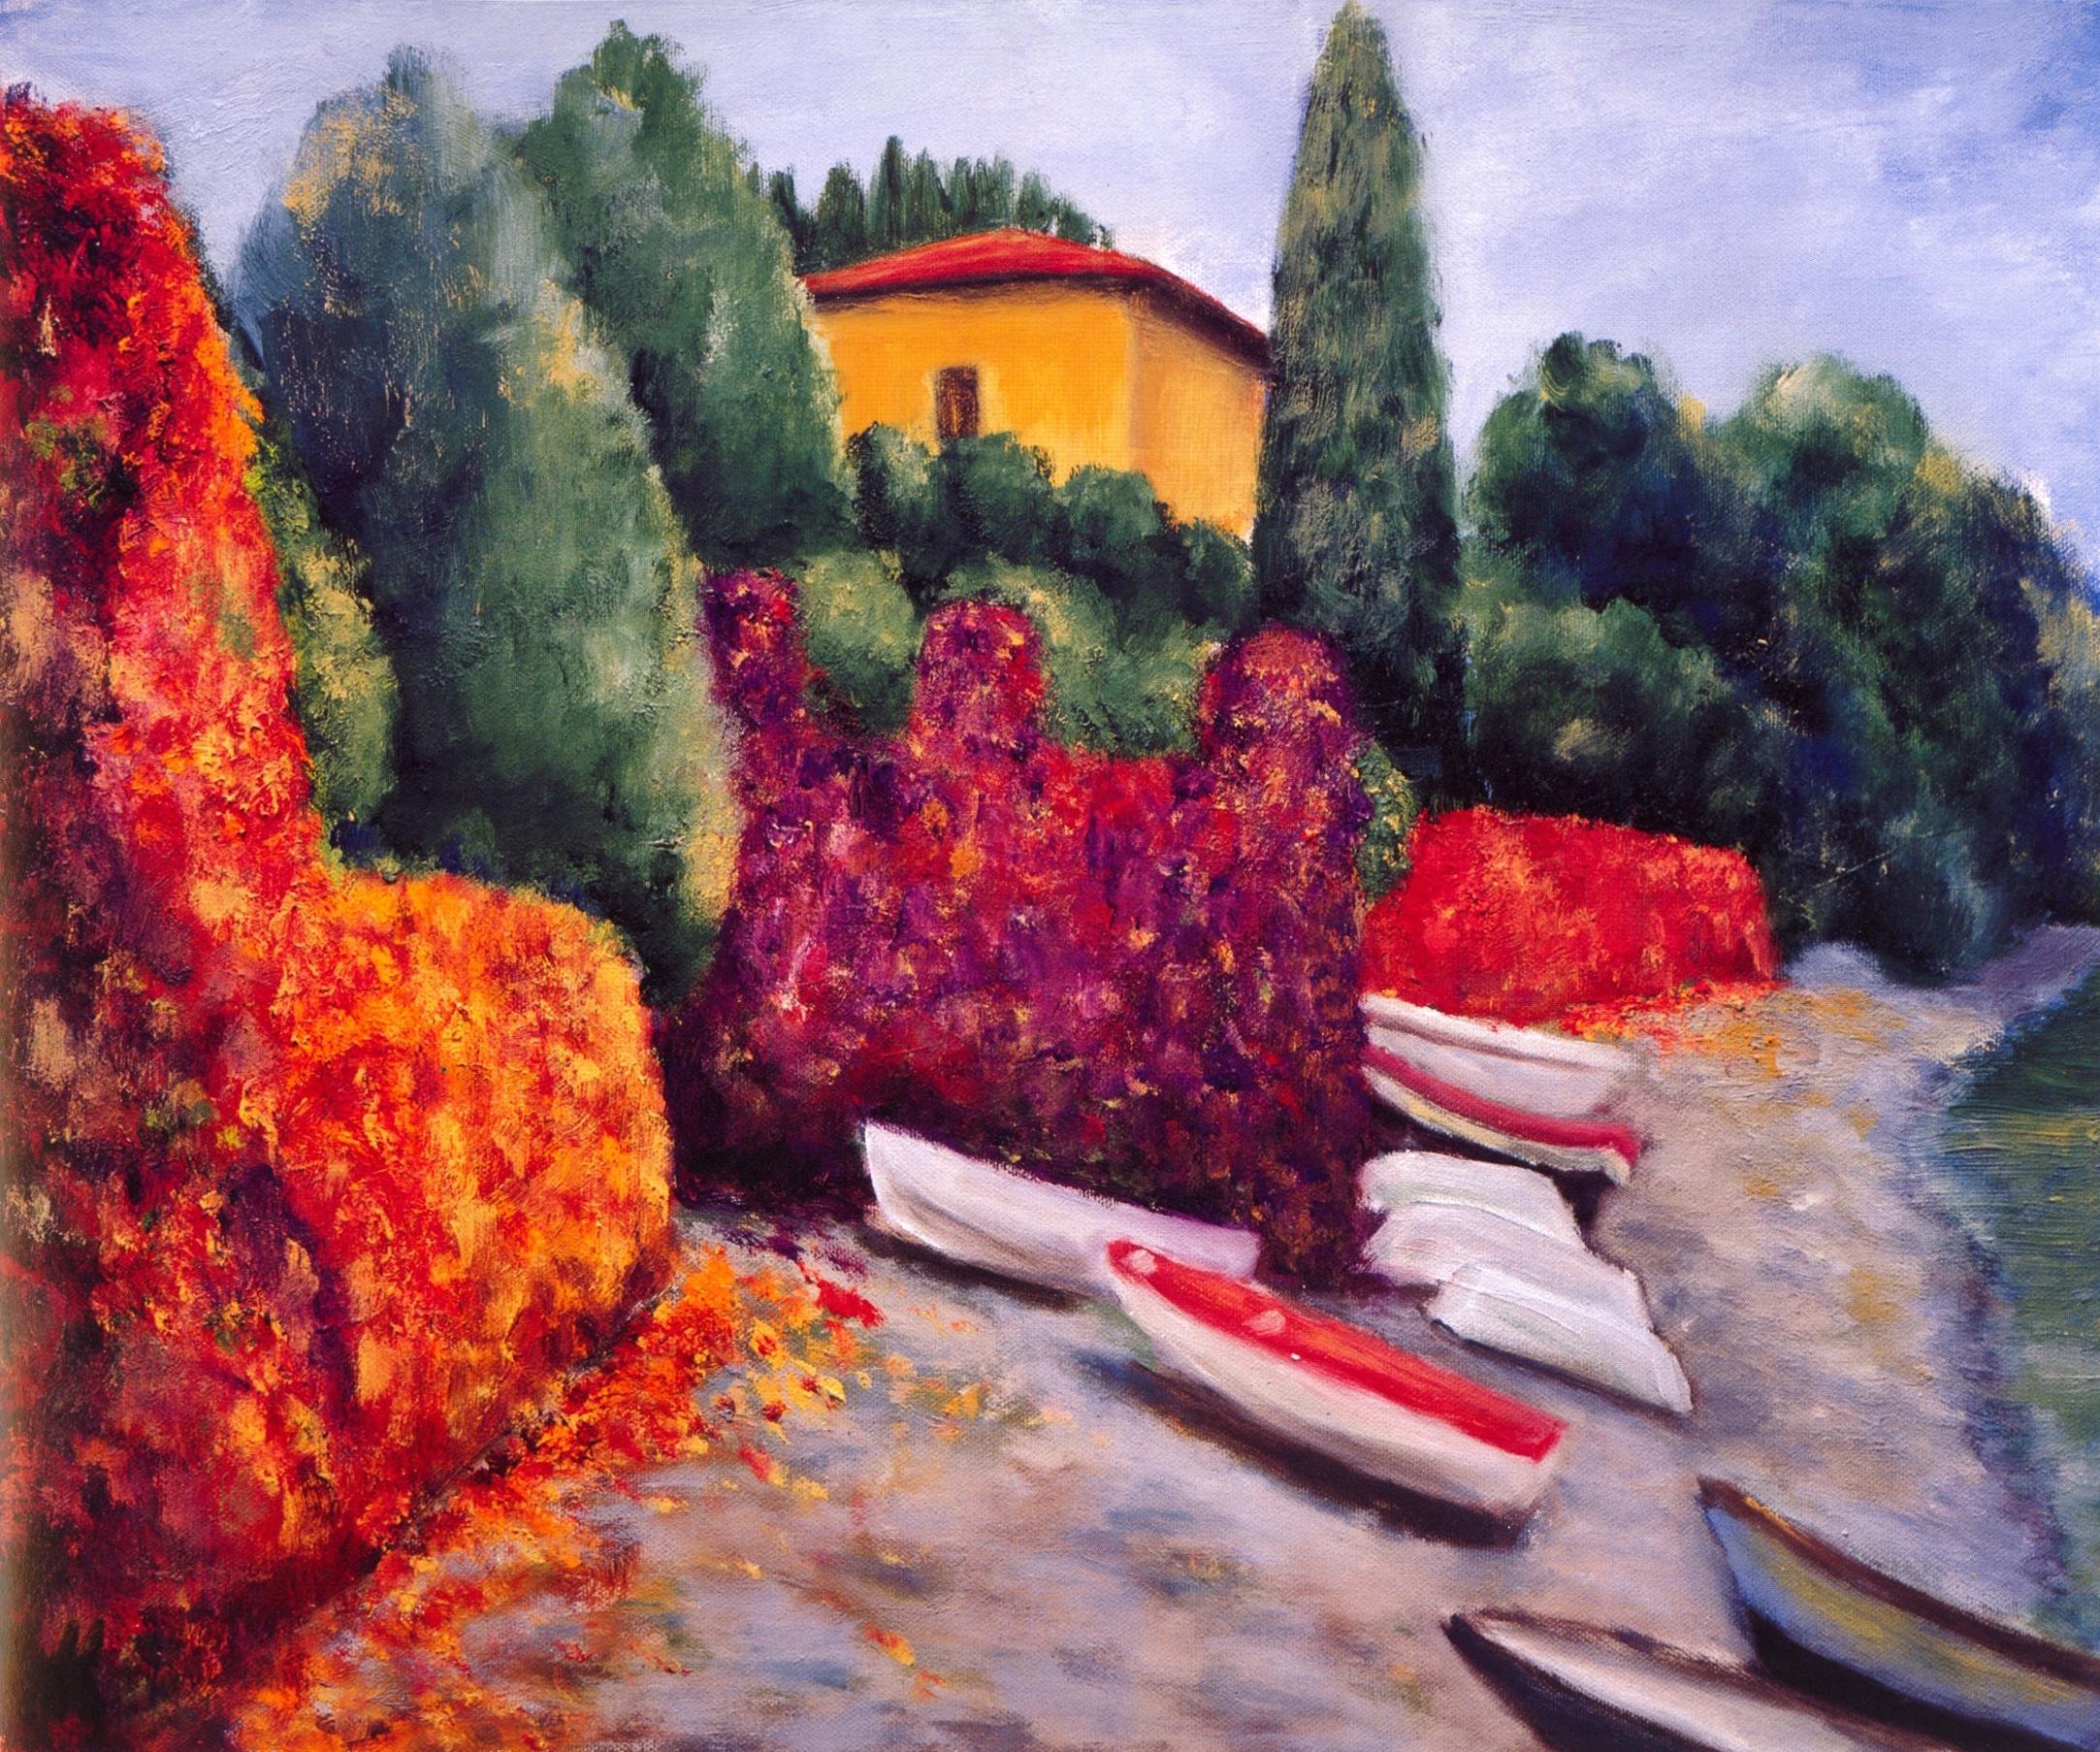 Il Spiaggio, Pescalo   Oil on canvas, 20'' x 24'', 2004